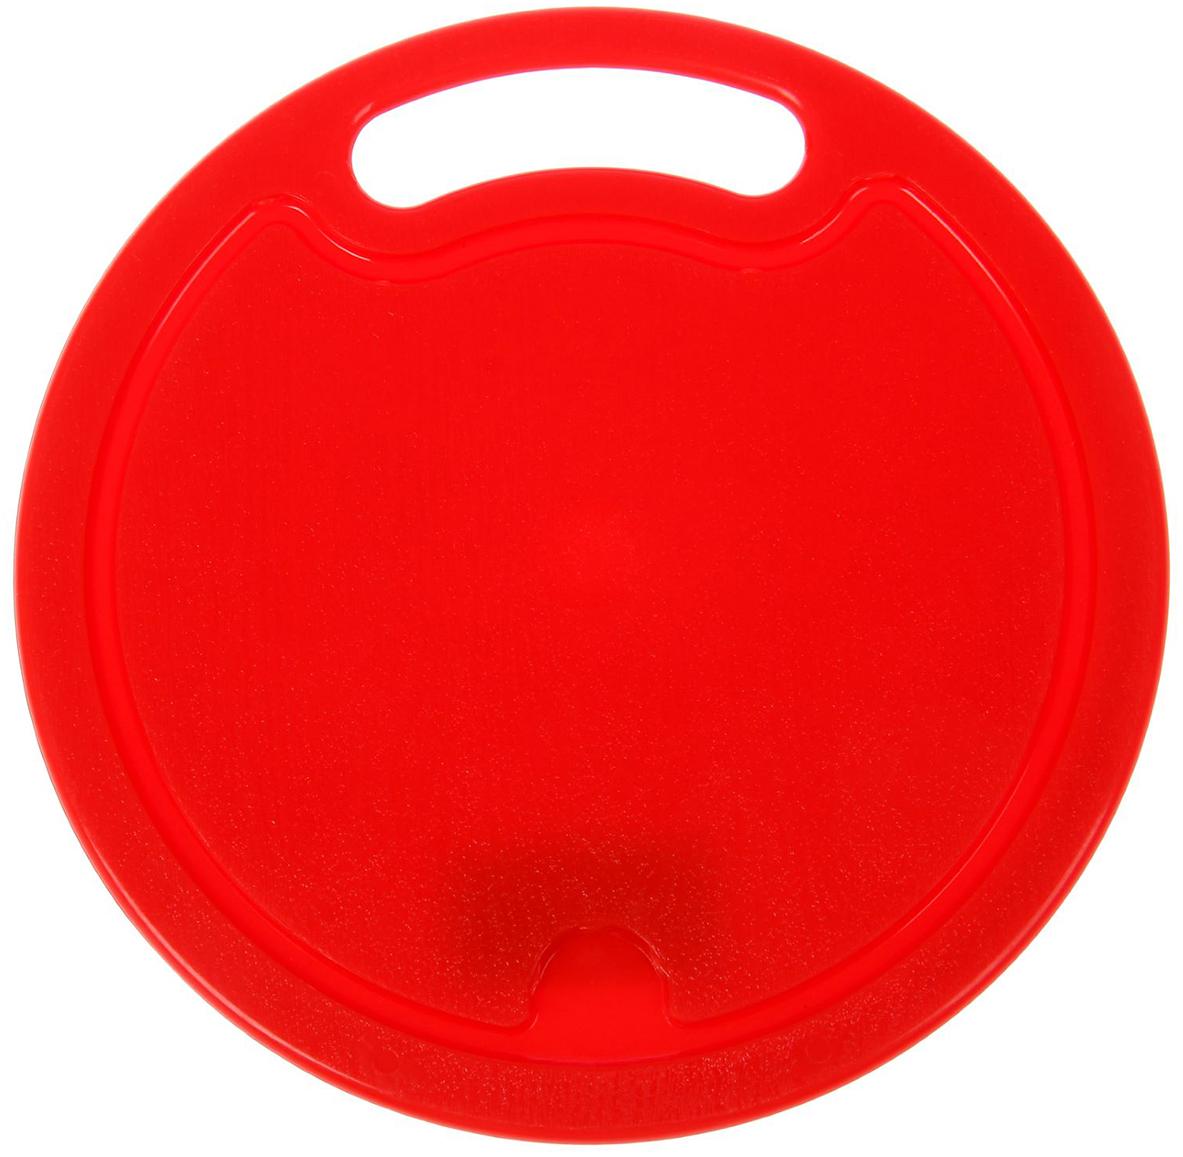 Доска разделочная ИскраПласт, цвет: красный, 25 х 25 х 0,6 см2331825От качества посуды зависит не только вкус еды, но и здоровье человека. Доска— товар, соответствующий российским стандартам качества. Любой хозяйке будет приятно держать его в руках. С такой посудой и кухонной утварью приготовление еды и сервировка стола превратятся в настоящий праздник.